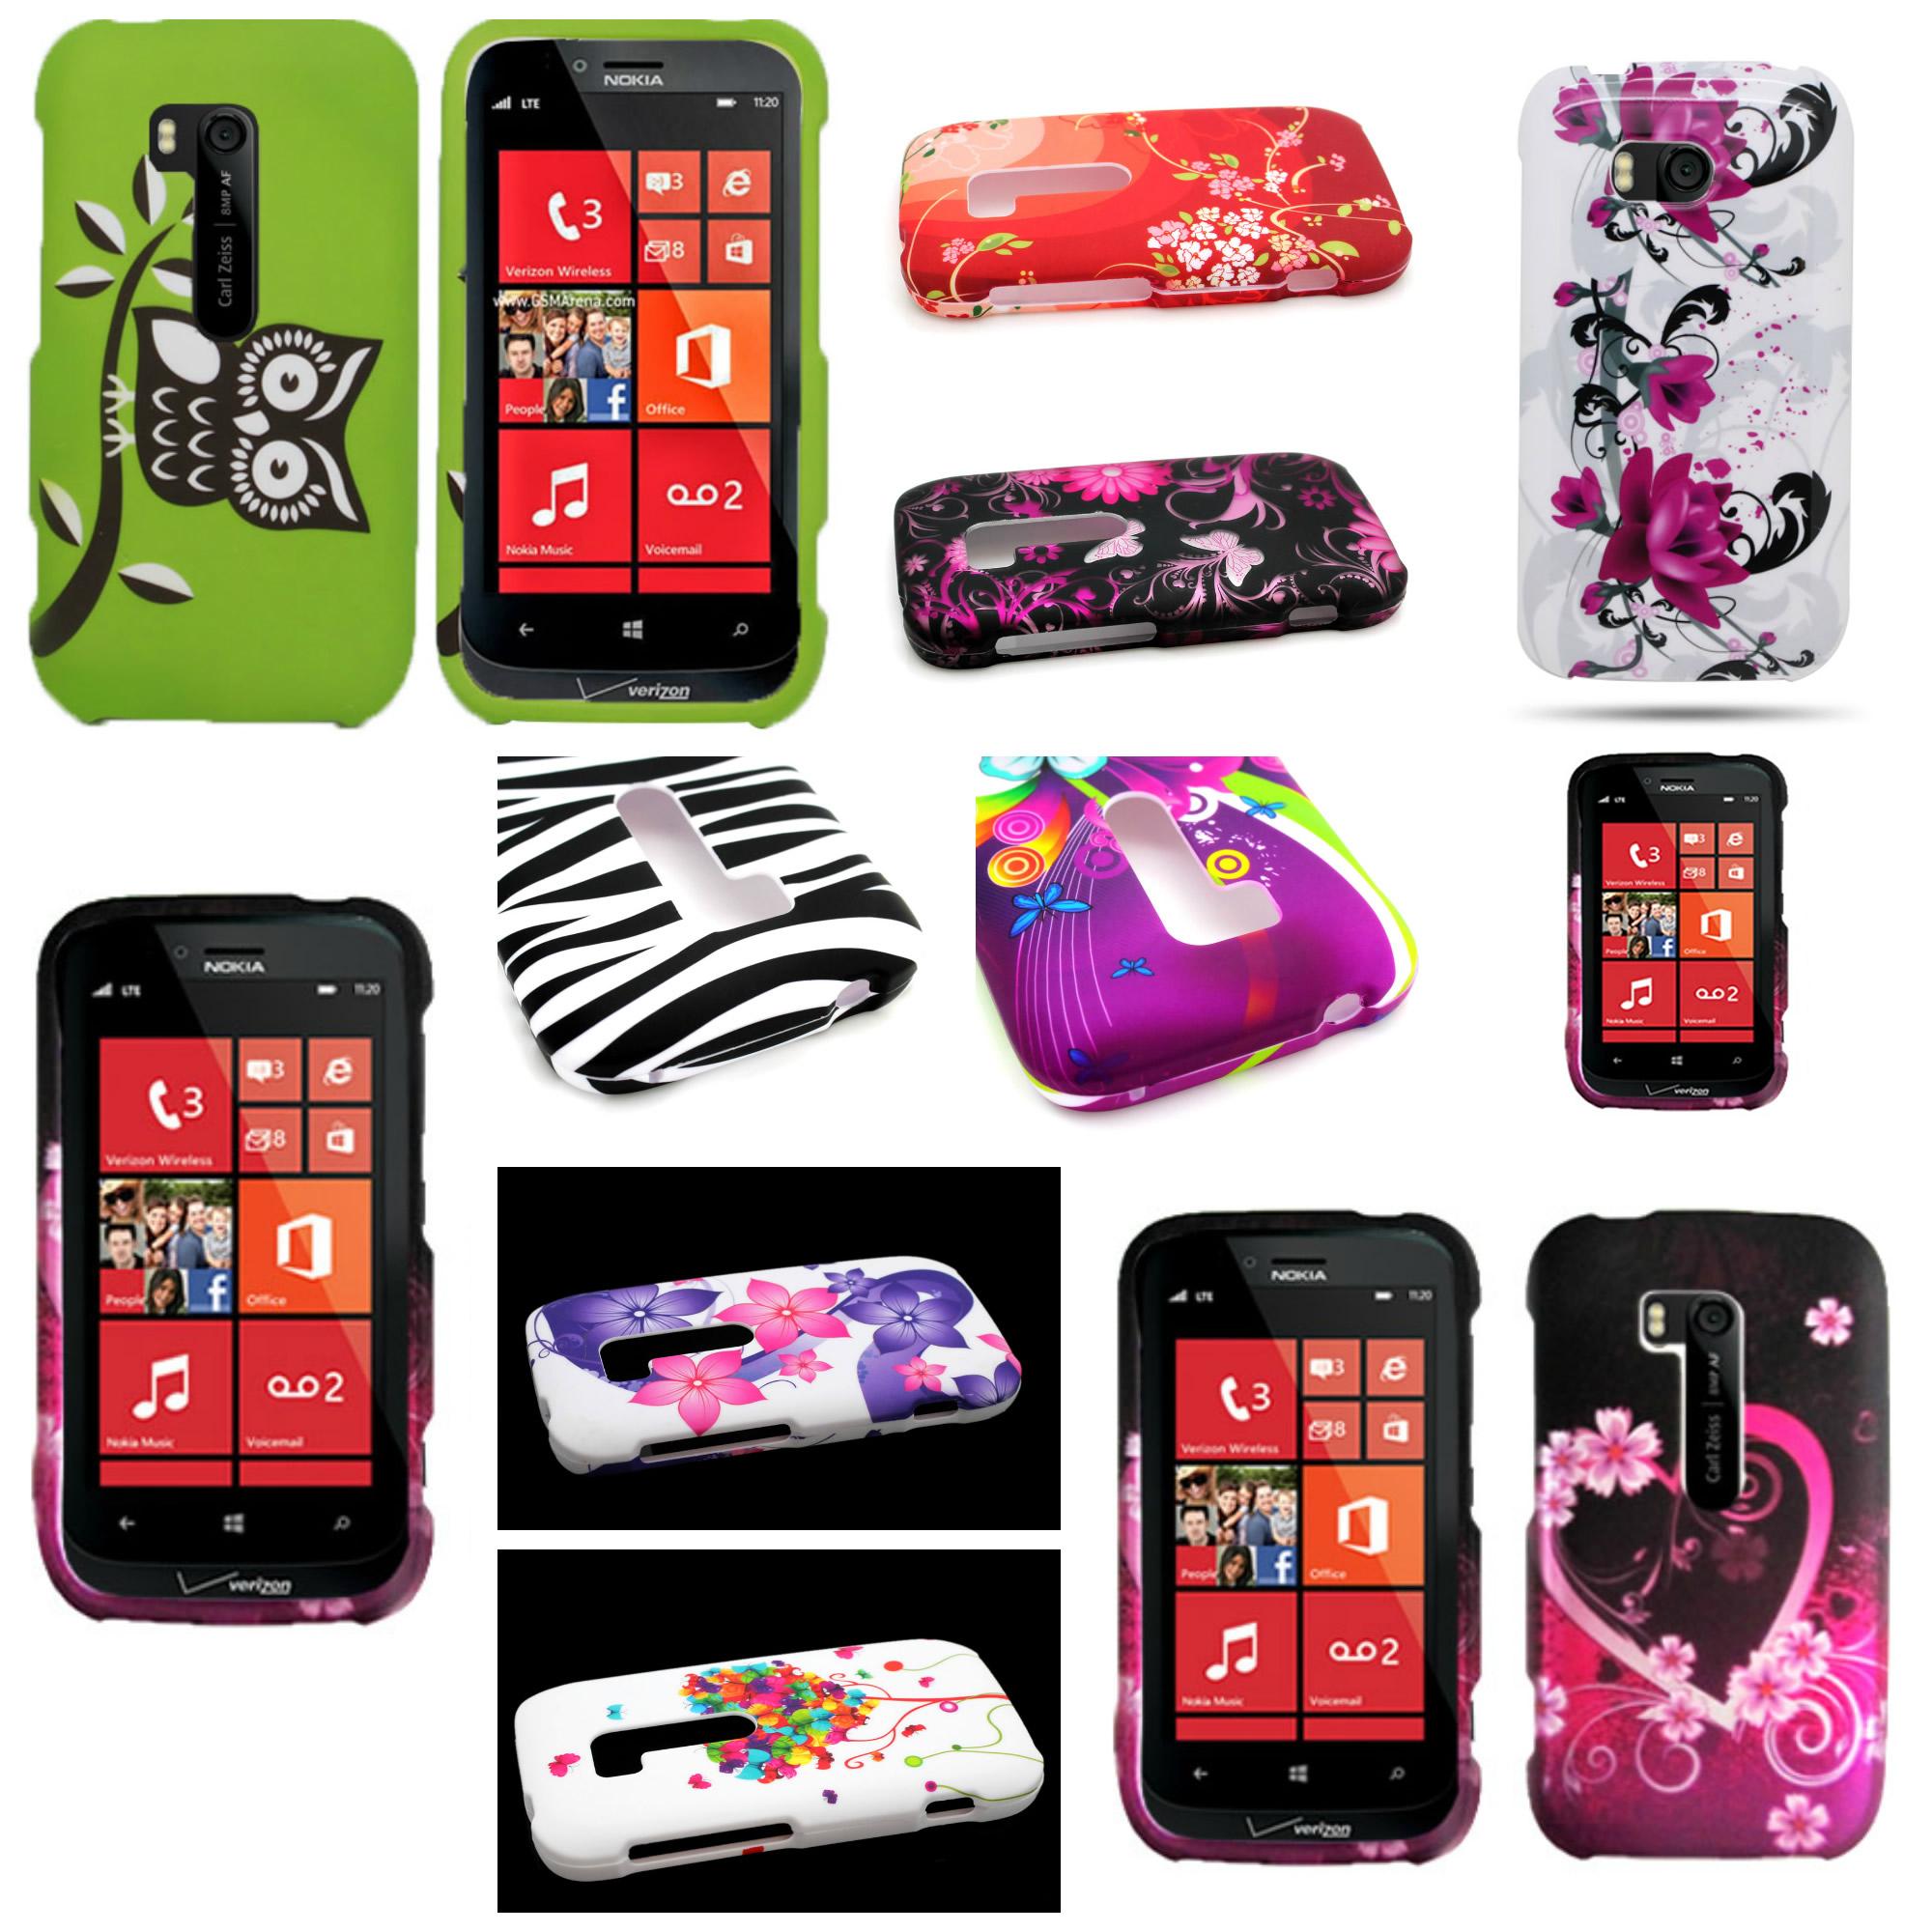 Nokia Lumia 822 Case For Nokia Lumia 822 At...